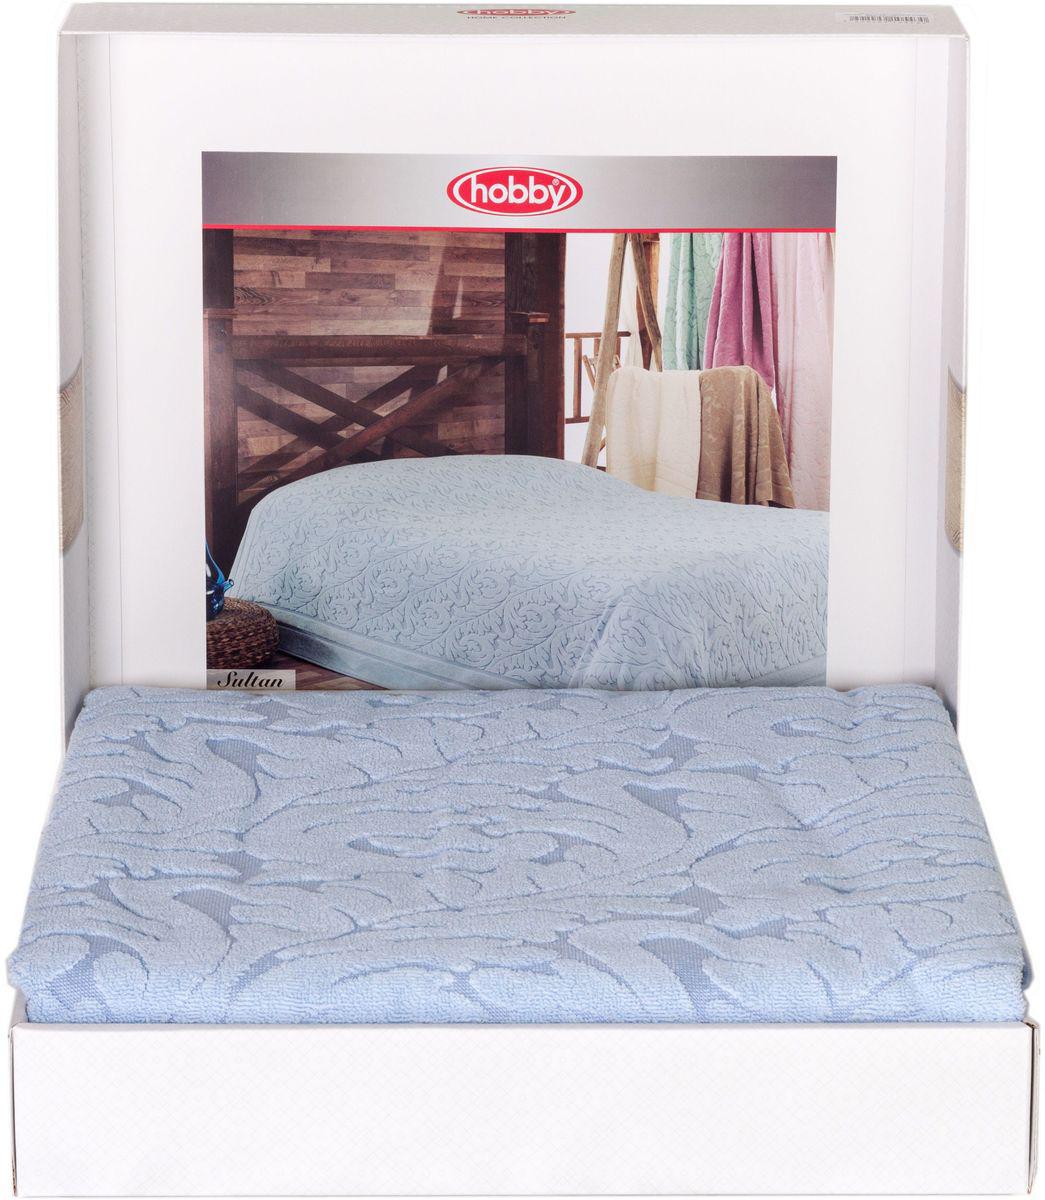 Покрывало Hobby Home Collection Sultan, 160х200см, цвет: голубой1501001002Шикарное махровое одеяло - покрывало для лета из 100% хлопка высшей категории. Незаменимый вариант для комфортного сна летом, а так же для теплых спален в зимний период. Легкое и мягкое с красивым жаккардовым рисунком и декоративным бордюром. Оно обладает замечательными дышащими свойствами, нежное и приятное к телу, обеспечивает спокойный и здоровый сон. Данное изделие можно так же использовать в качестве покрывала или простыни. Большая подарочная коробка!